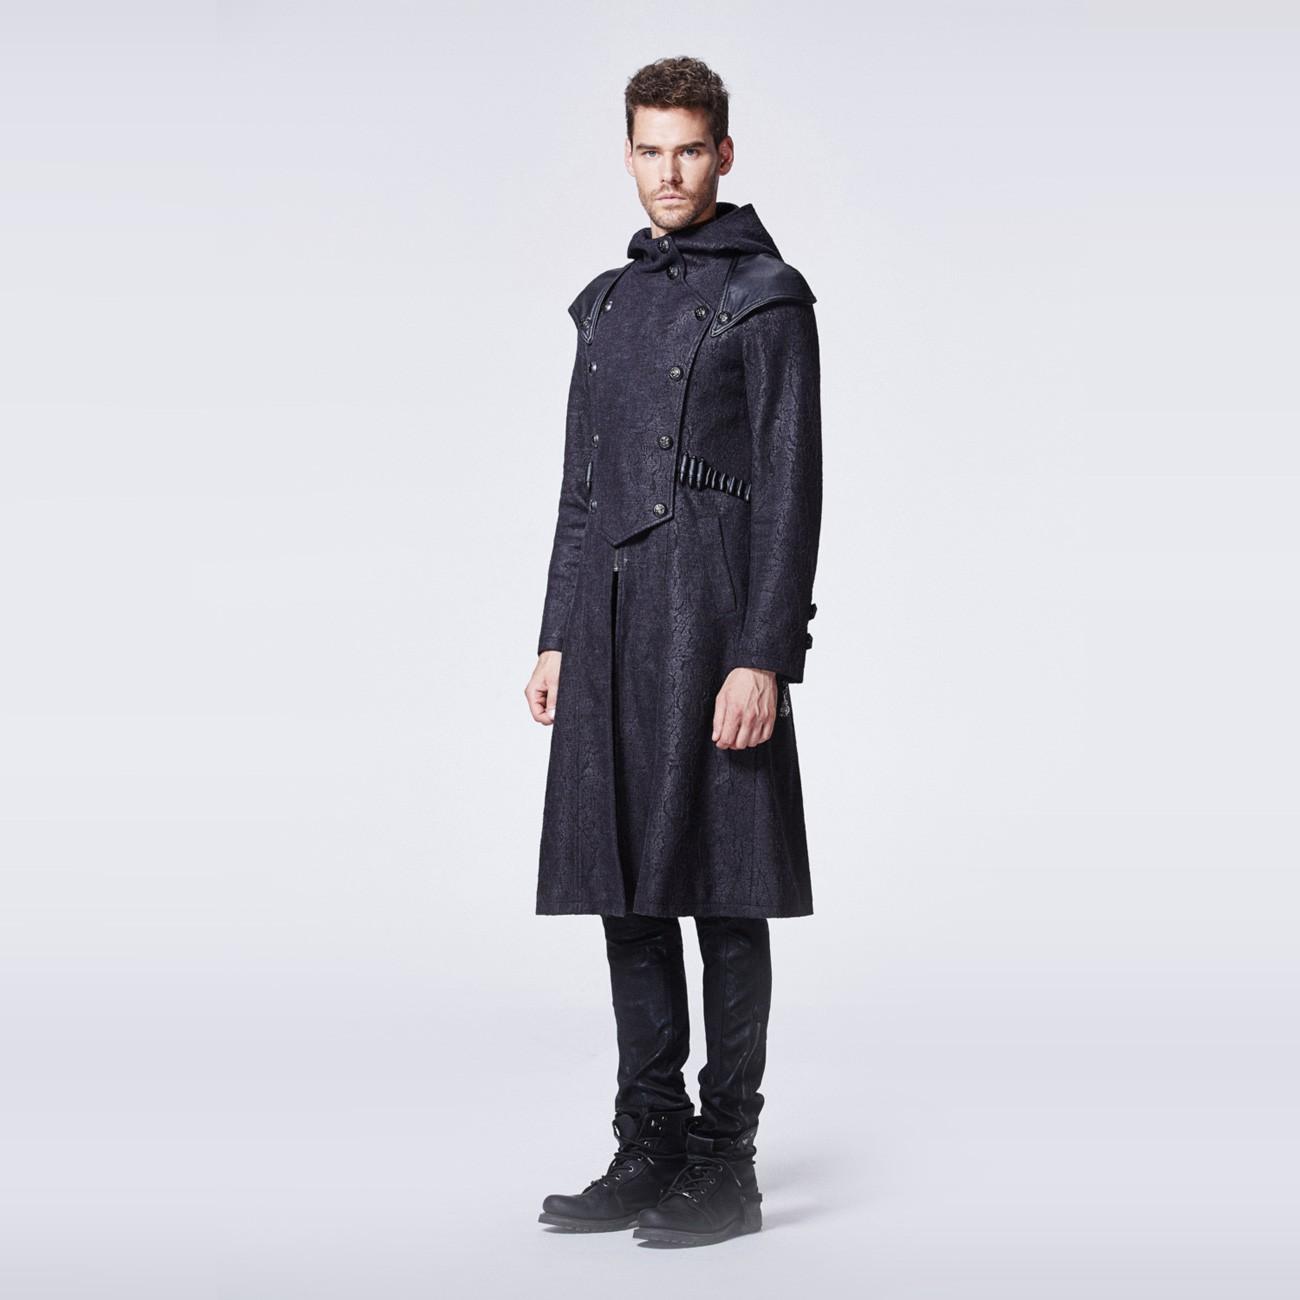 schwarzer assassinen mantel mit kapuze. Black Bedroom Furniture Sets. Home Design Ideas